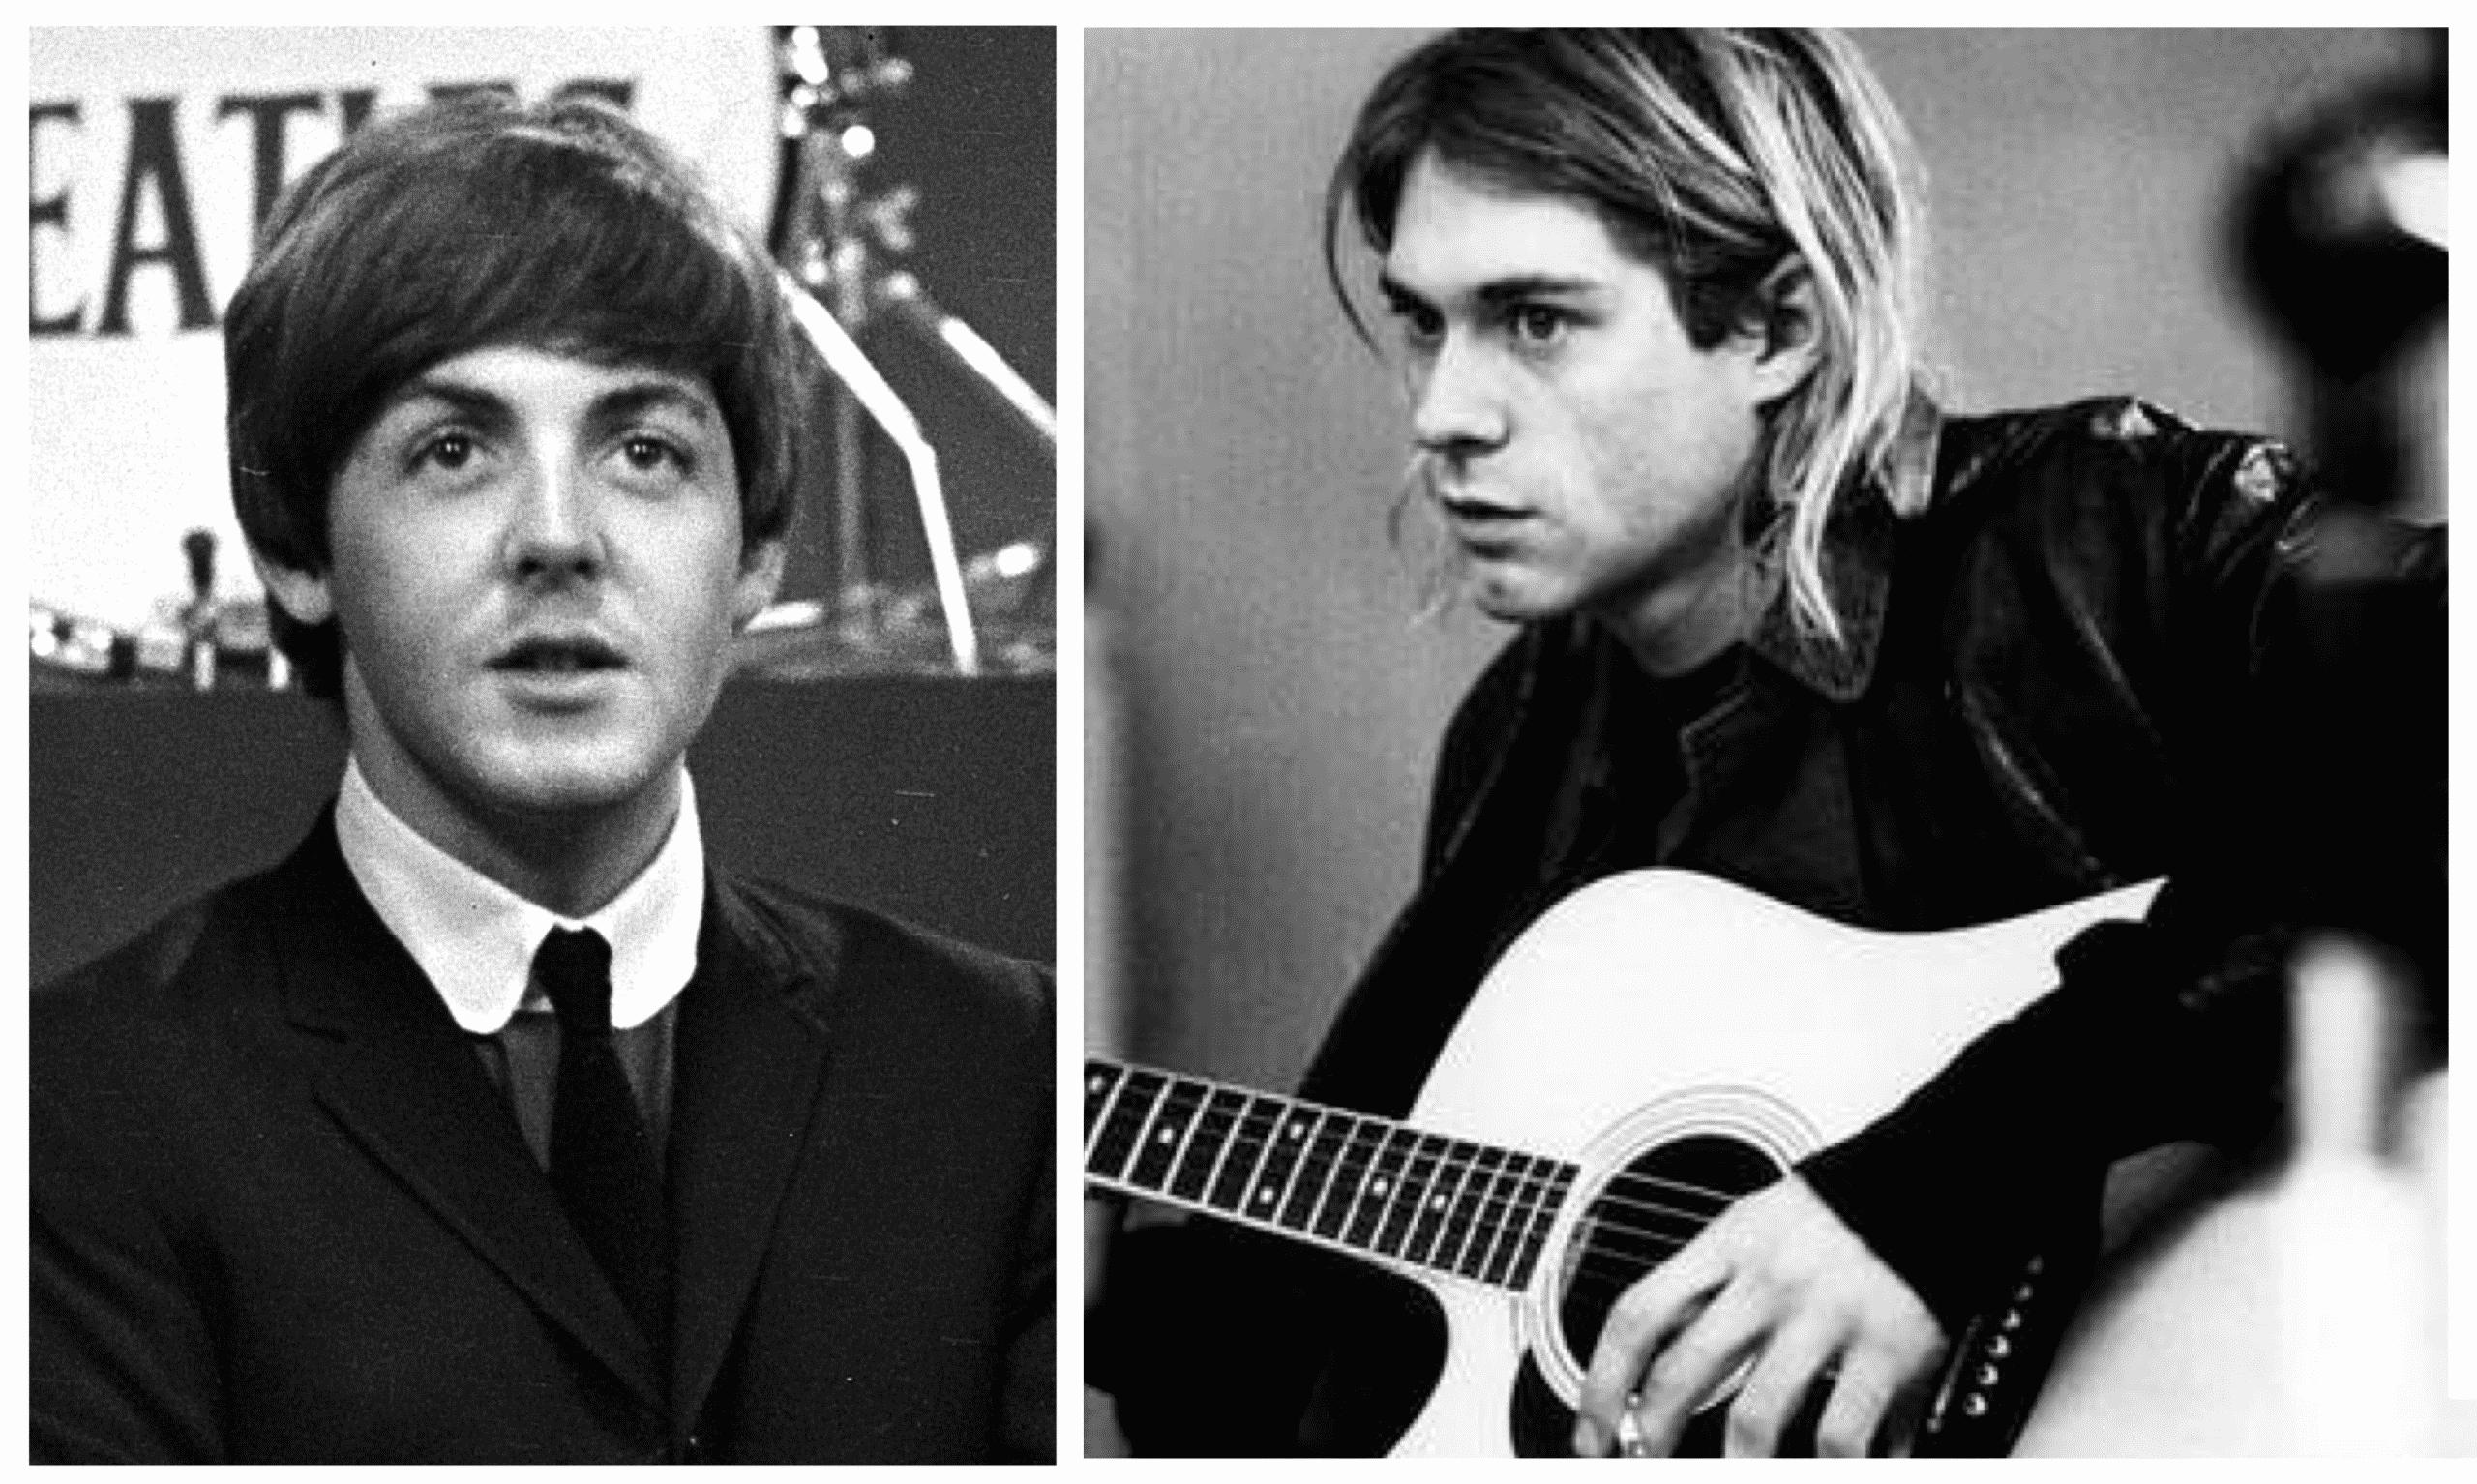 Paul McCartney - Kurt Cobain